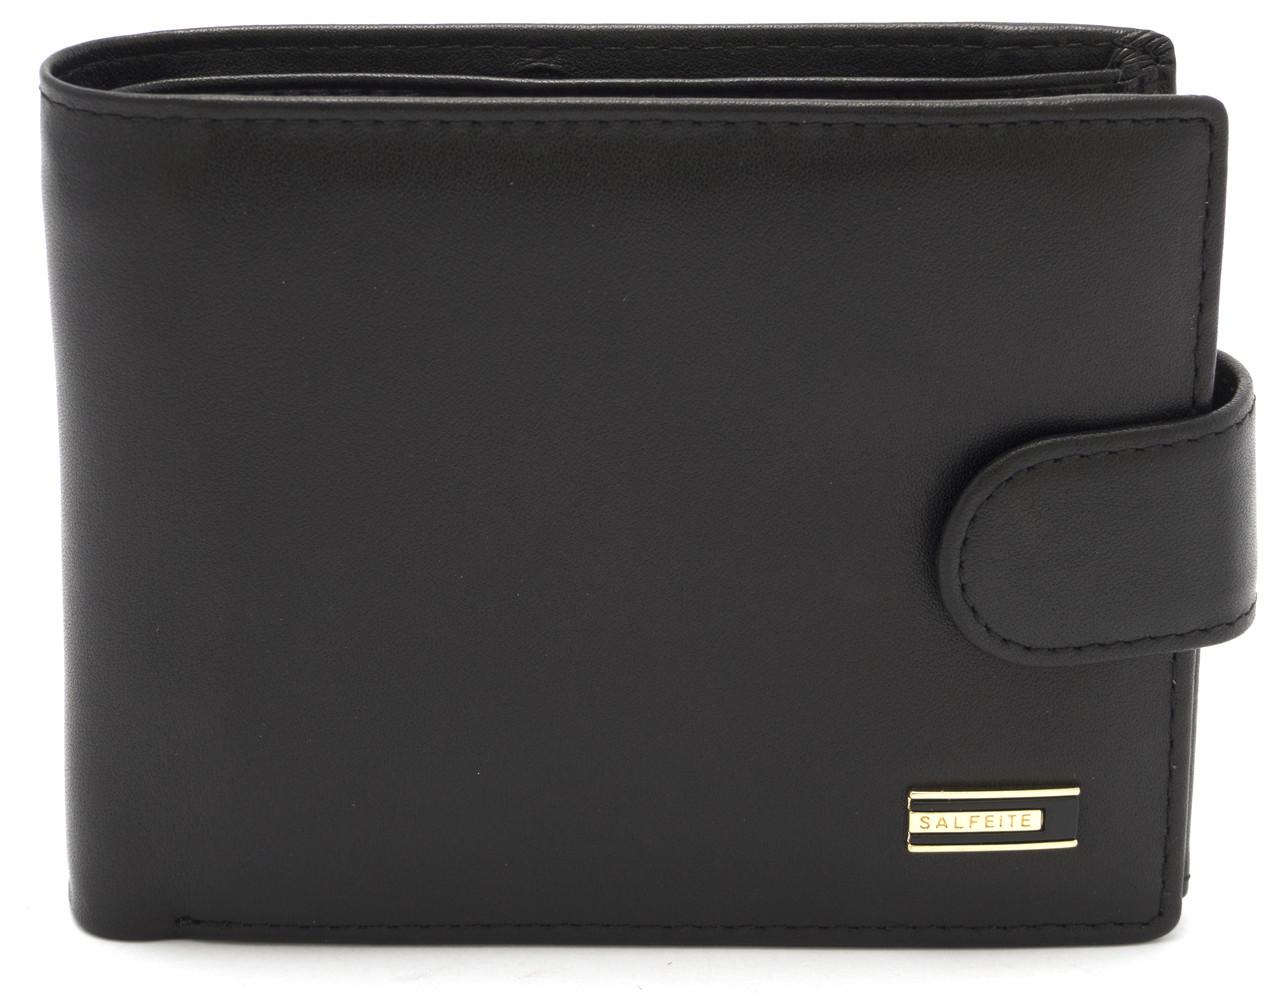 Стильний практичний шкіряний чоловічий гаманець портмоне SALFEITE art. 8233N-BLK чорного кольору